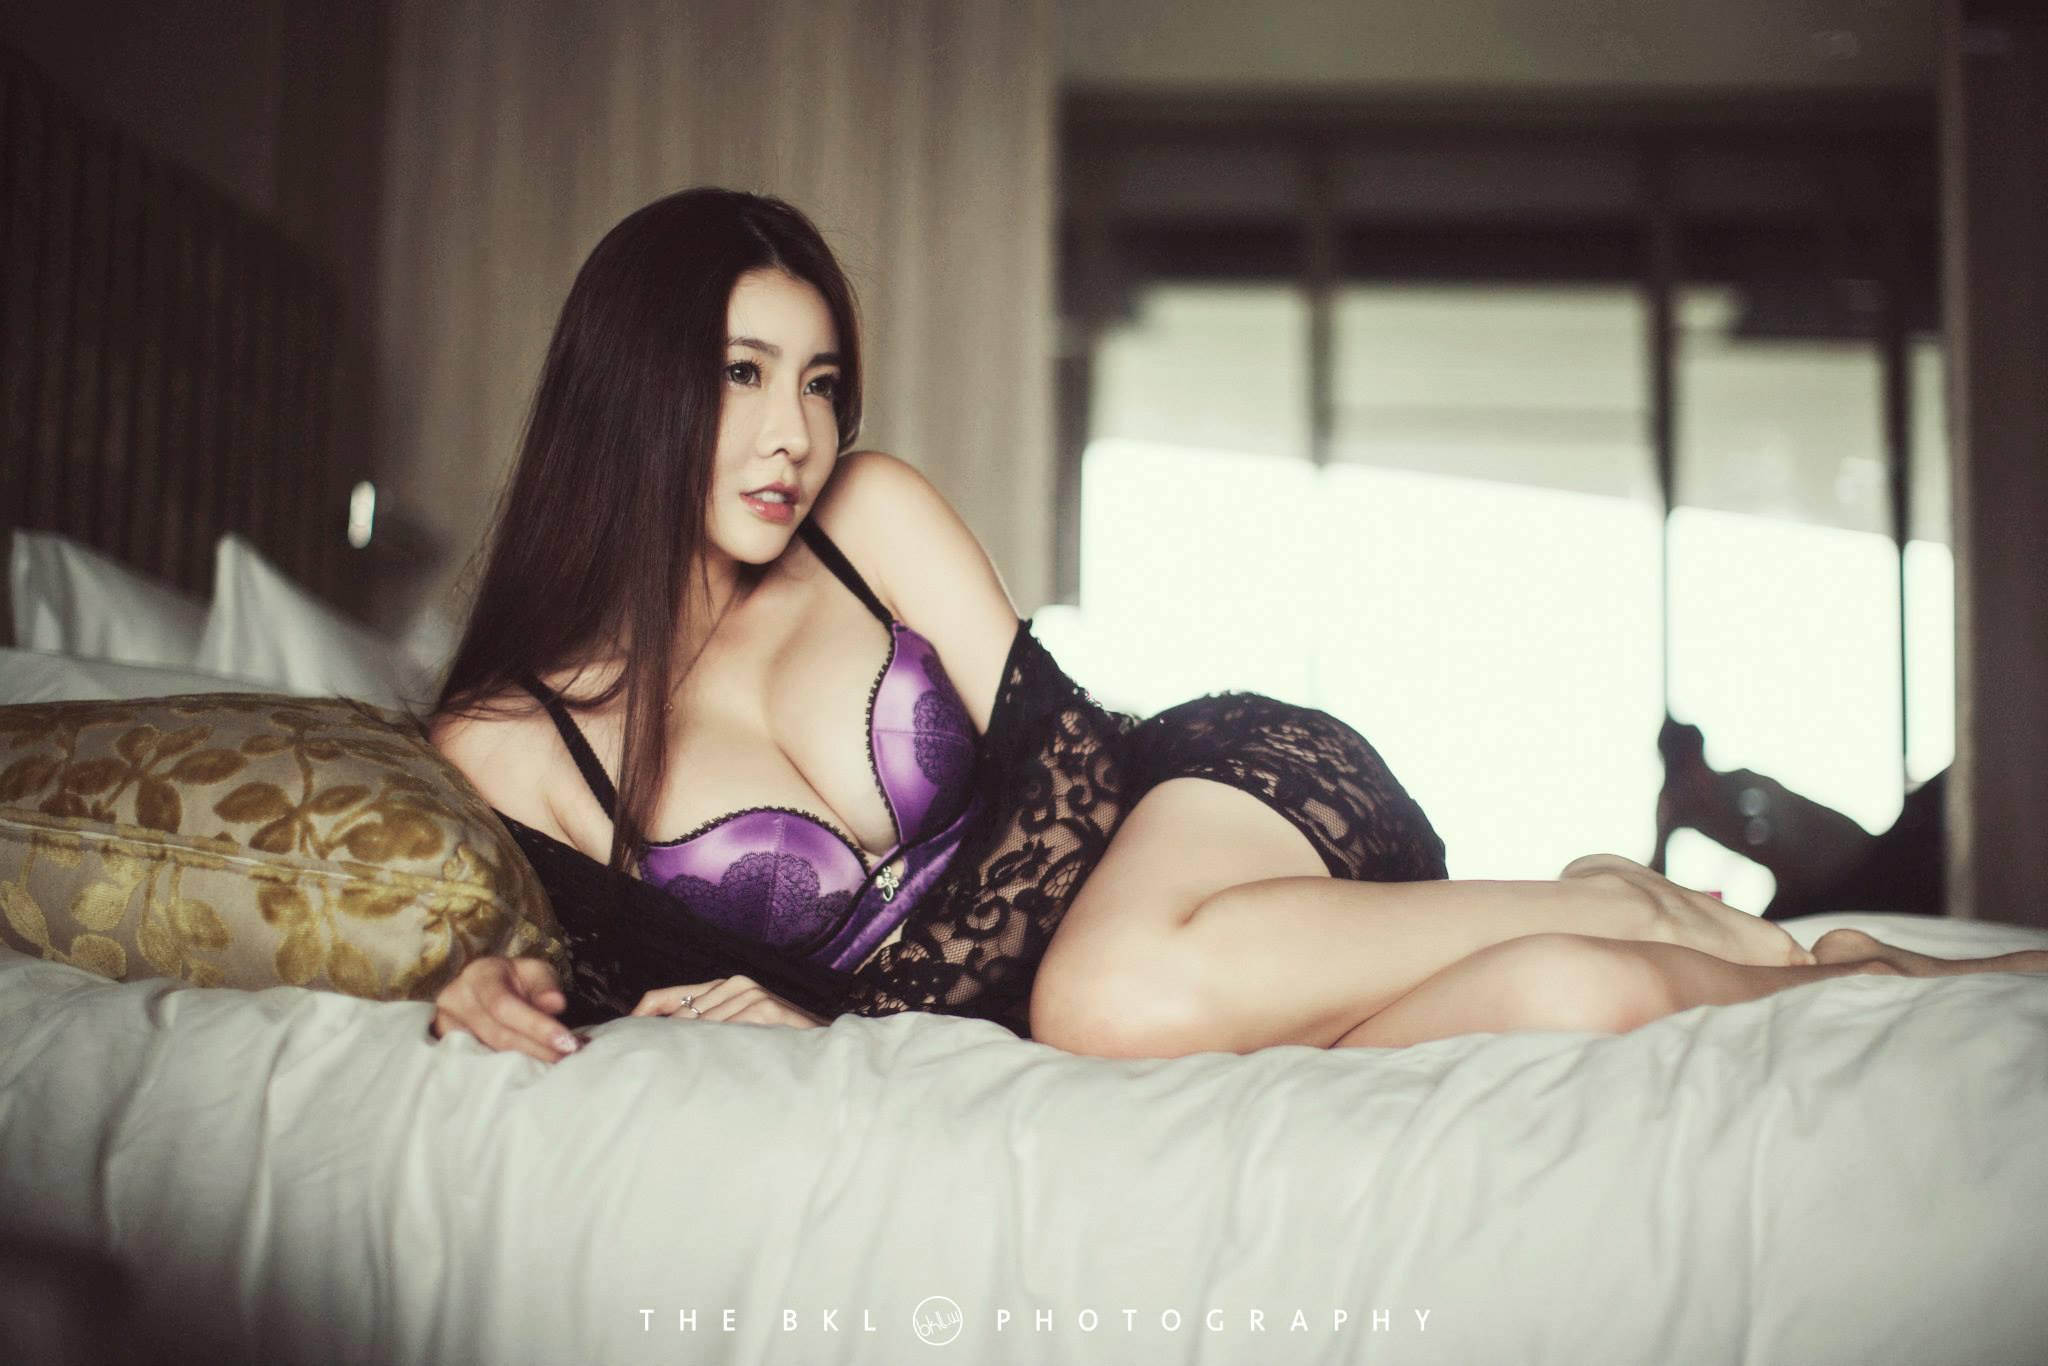 性感模特儿Melody Low爆乳诱惑